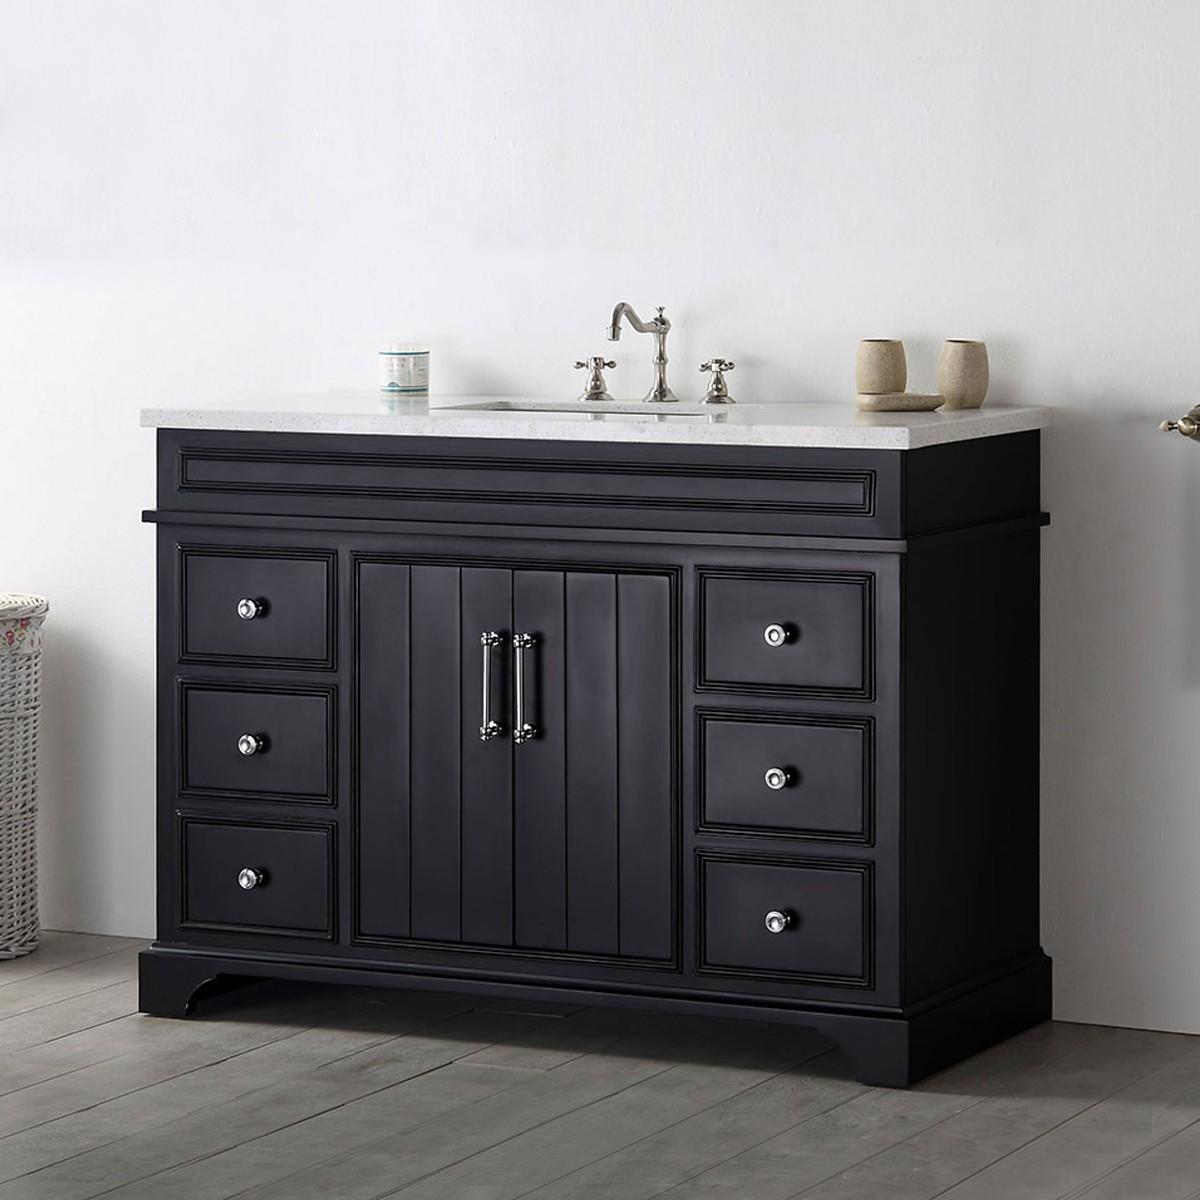 48 In. Bathroom Vanity (DK-6748-E)